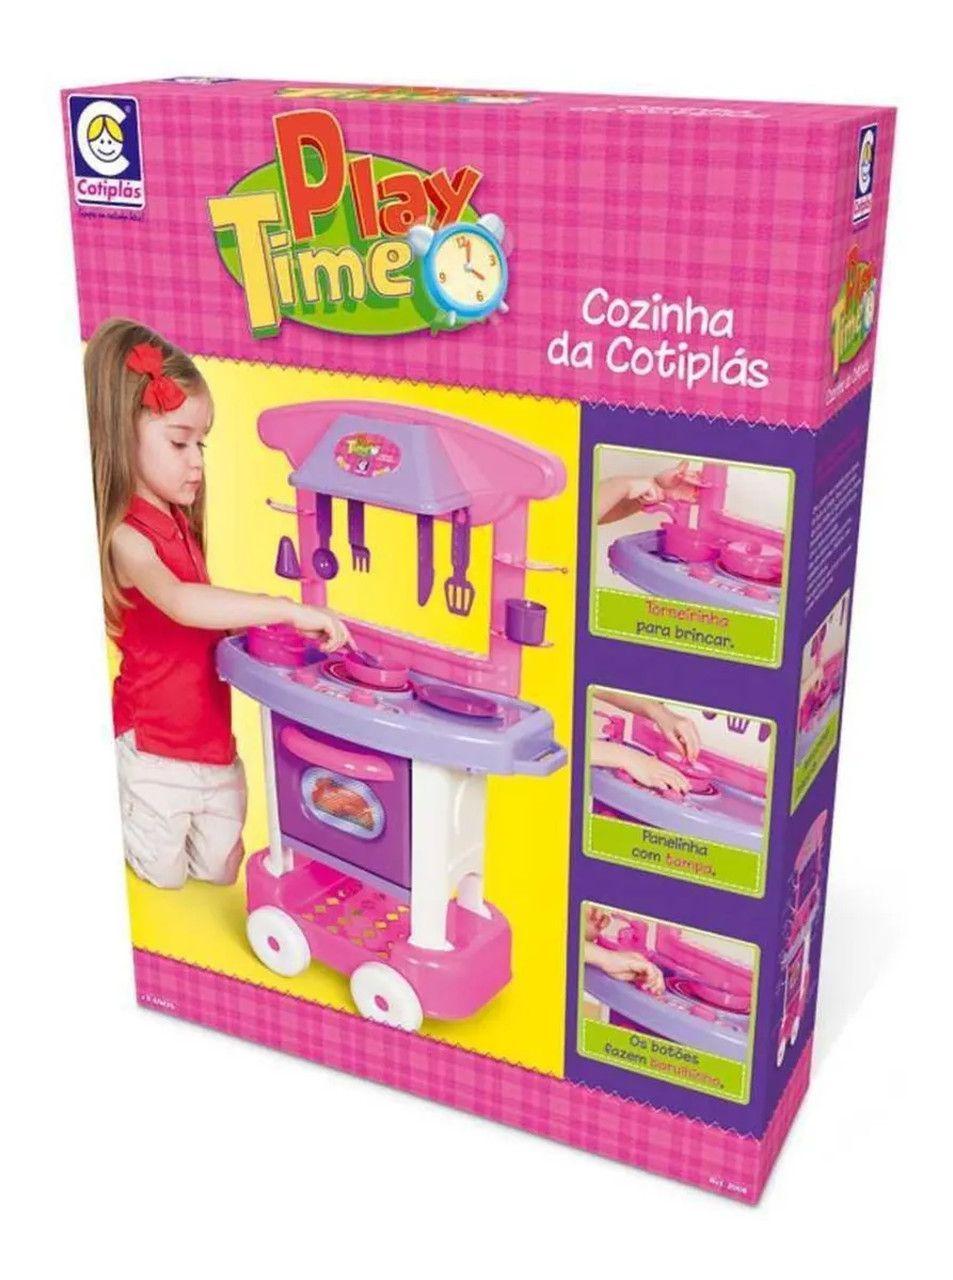 Cozinha Infantil Play Time Cozinha - Cotiplás 2008